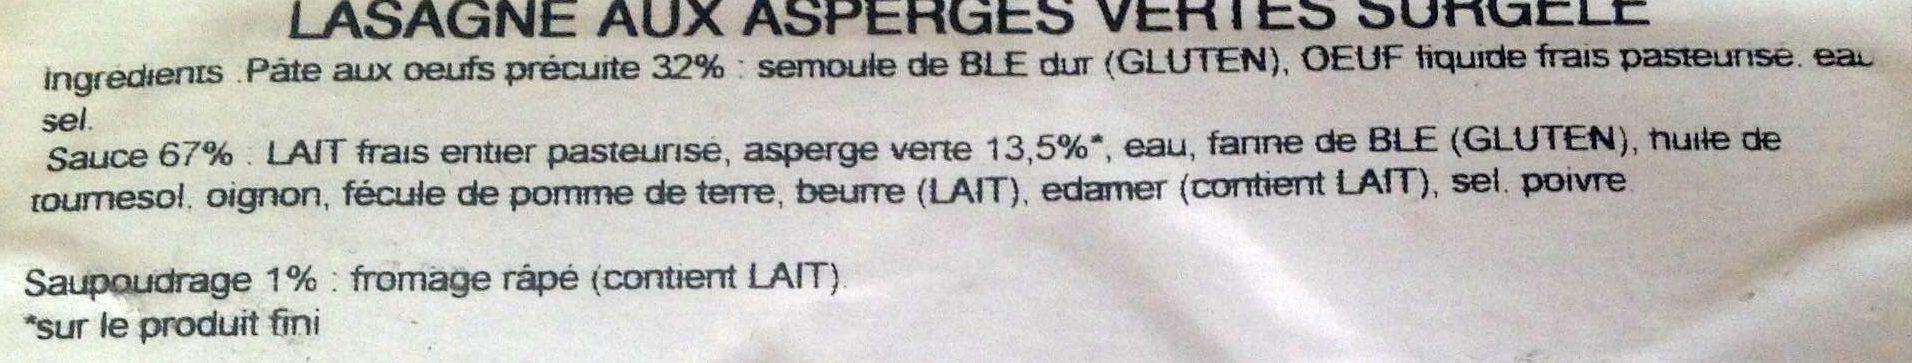 Lasagnes aux Asperges Vertes - Ingredienti